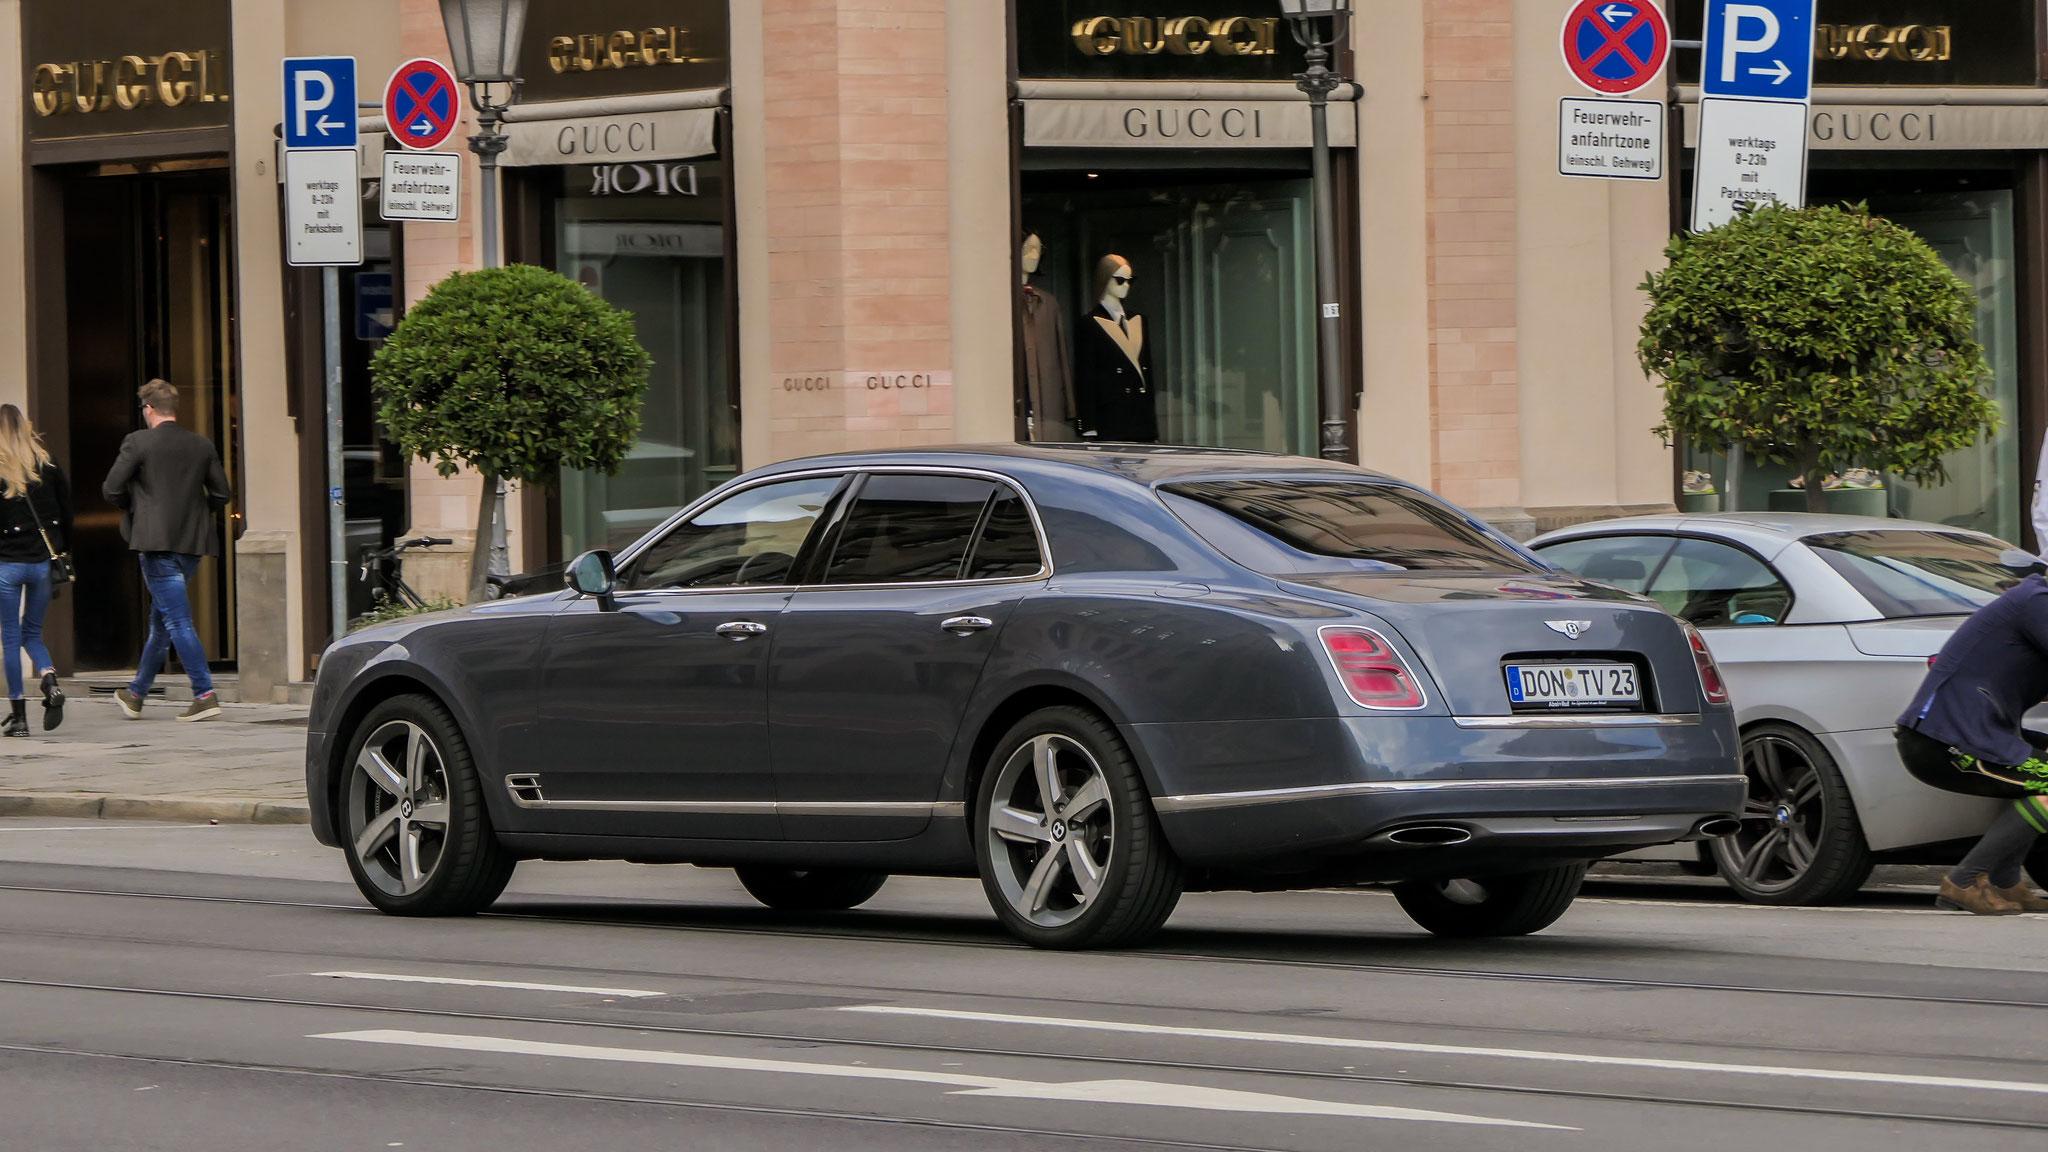 Bentley Mulsanne - DON-TV-23